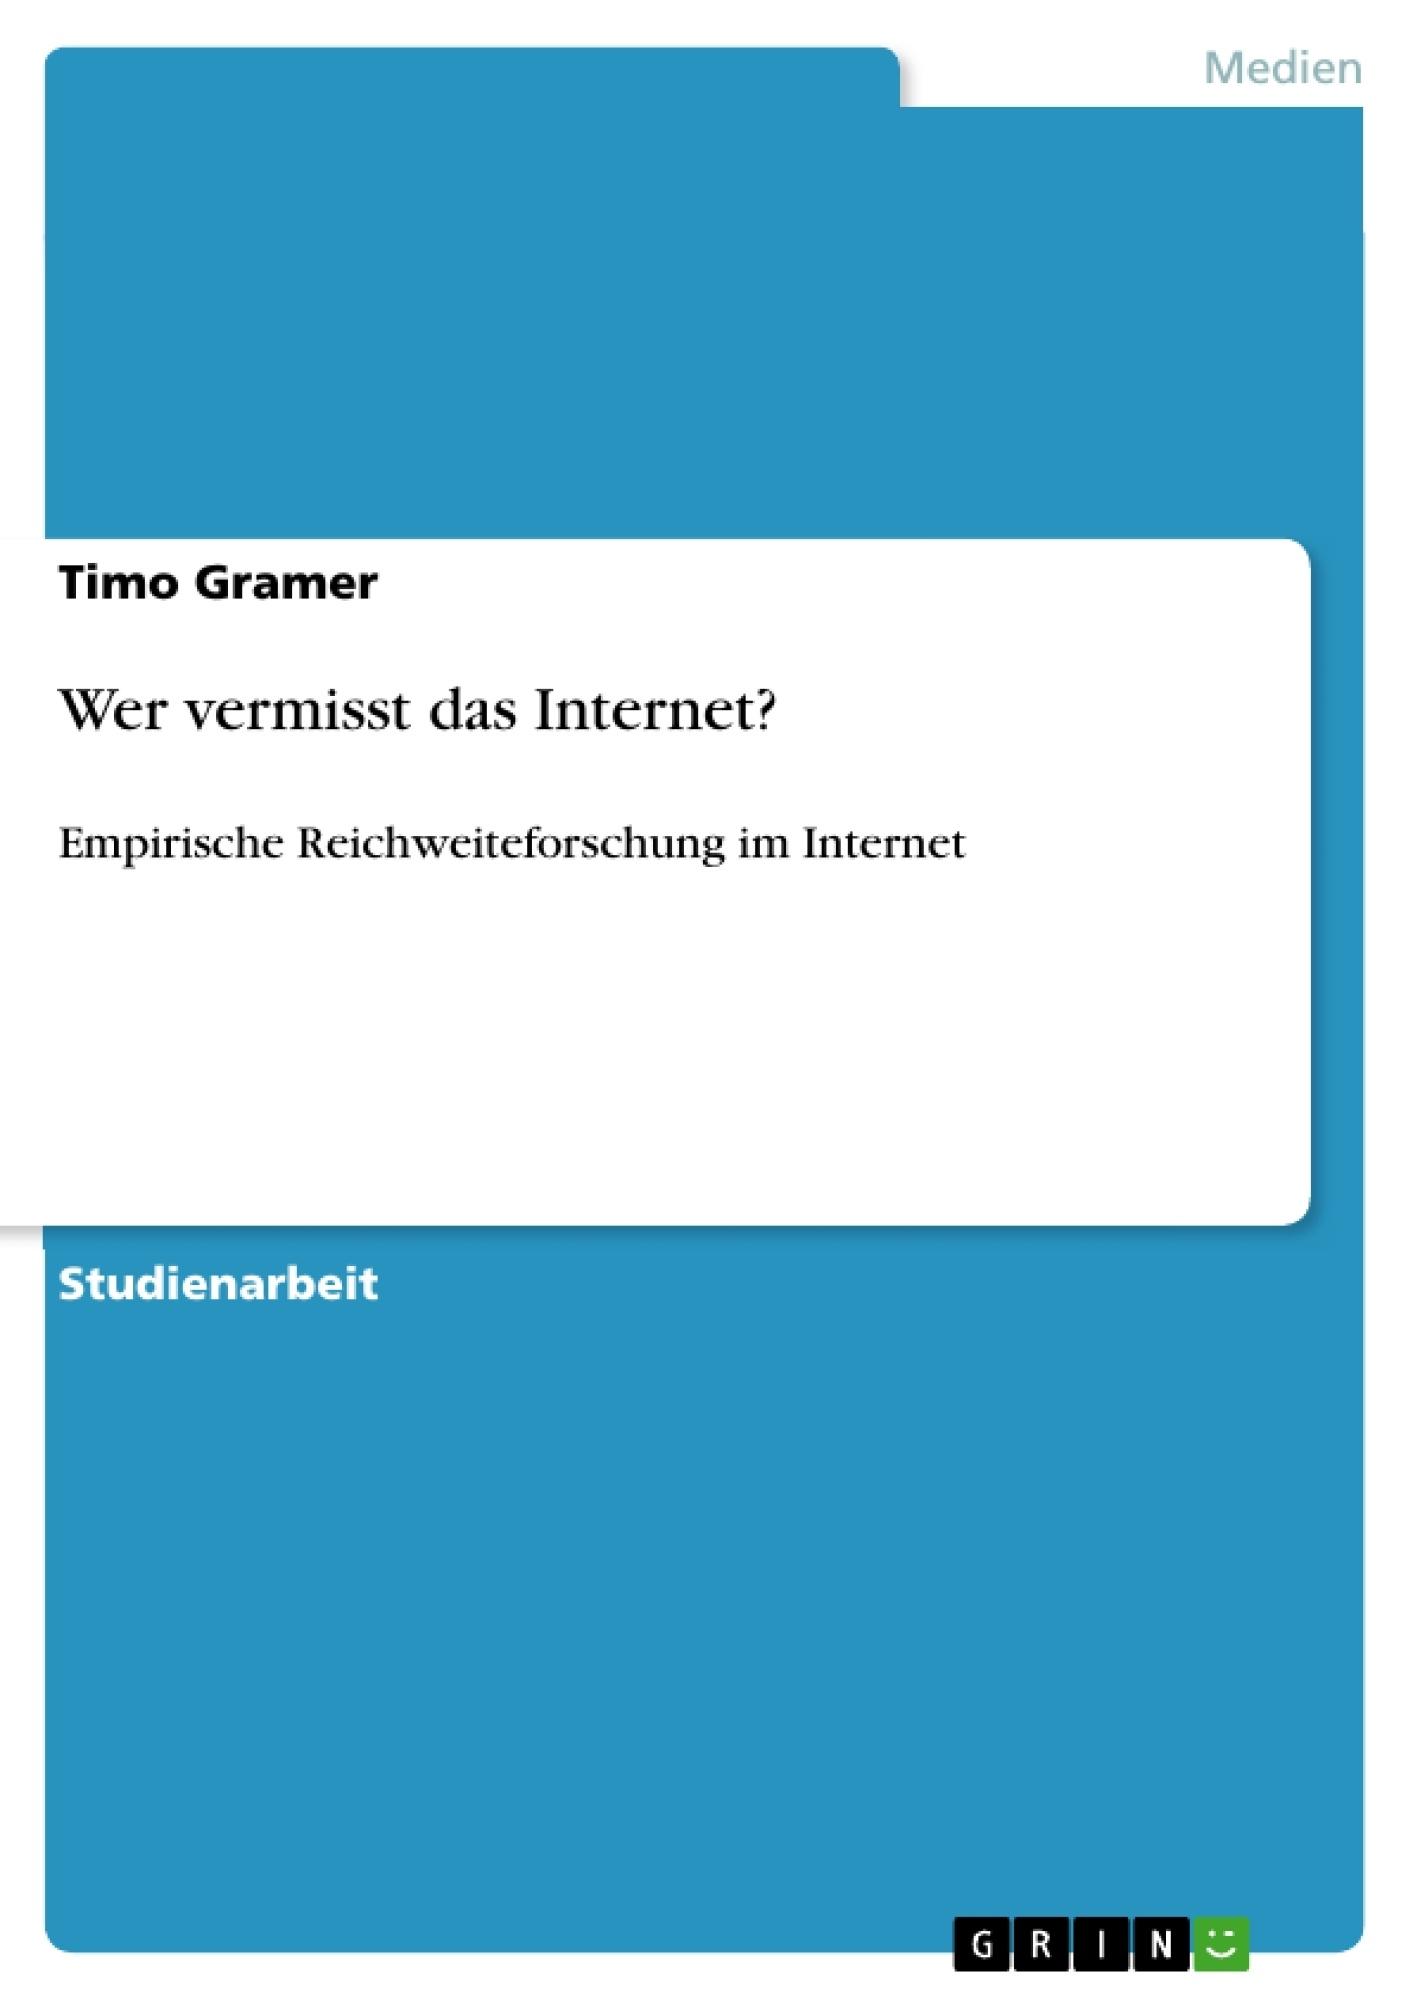 Titel: Wer vermisst das Internet?